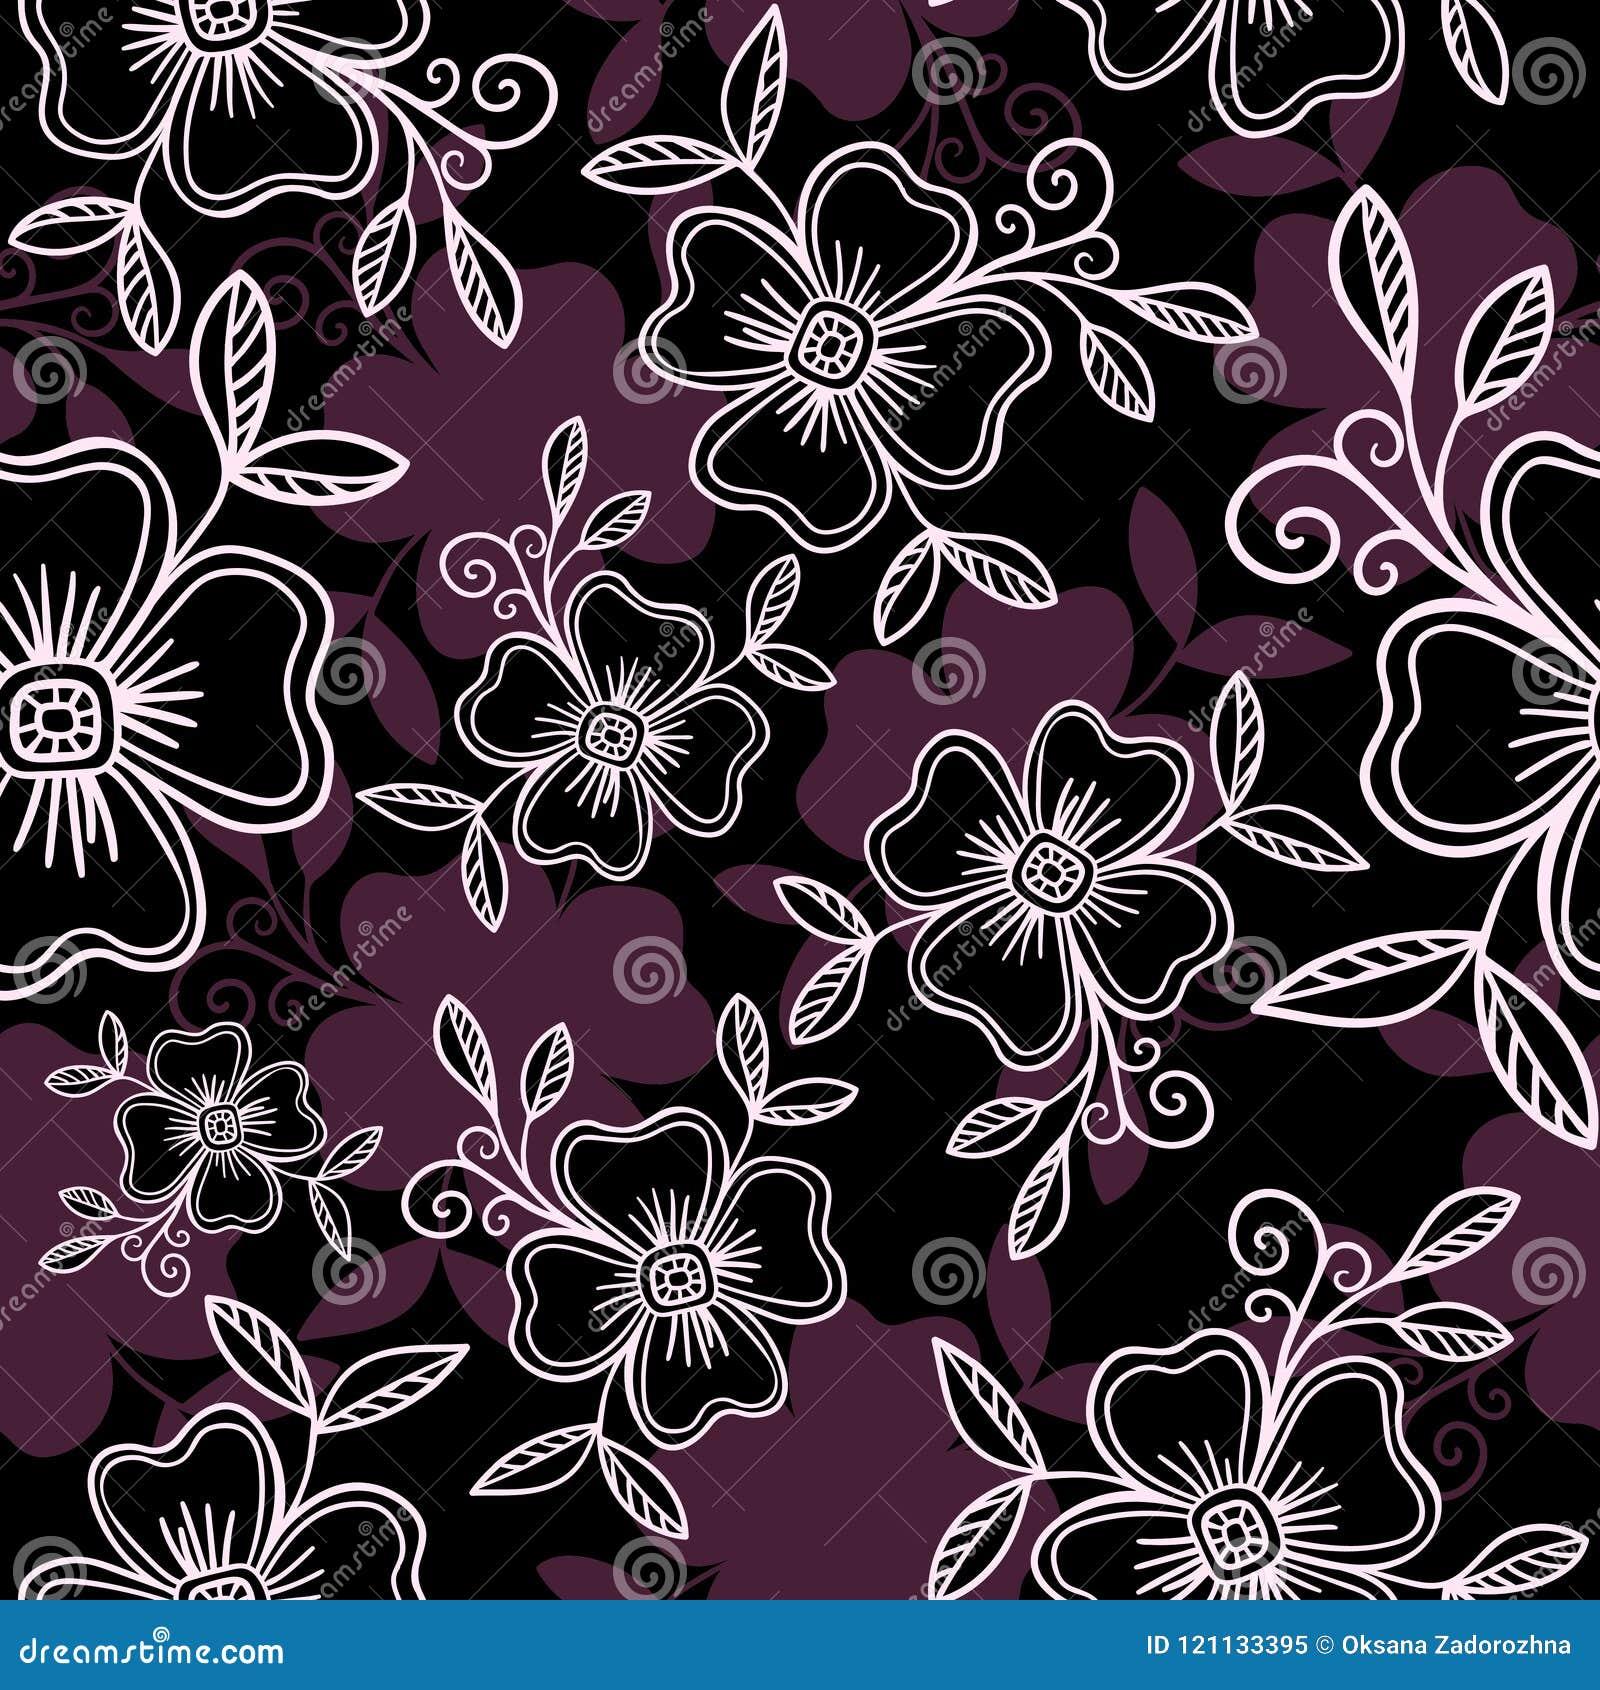 Luksusowy Wektorowy bezszwowy wzór - grafika kwiaty z liśćmi w fiołkowych kolorach